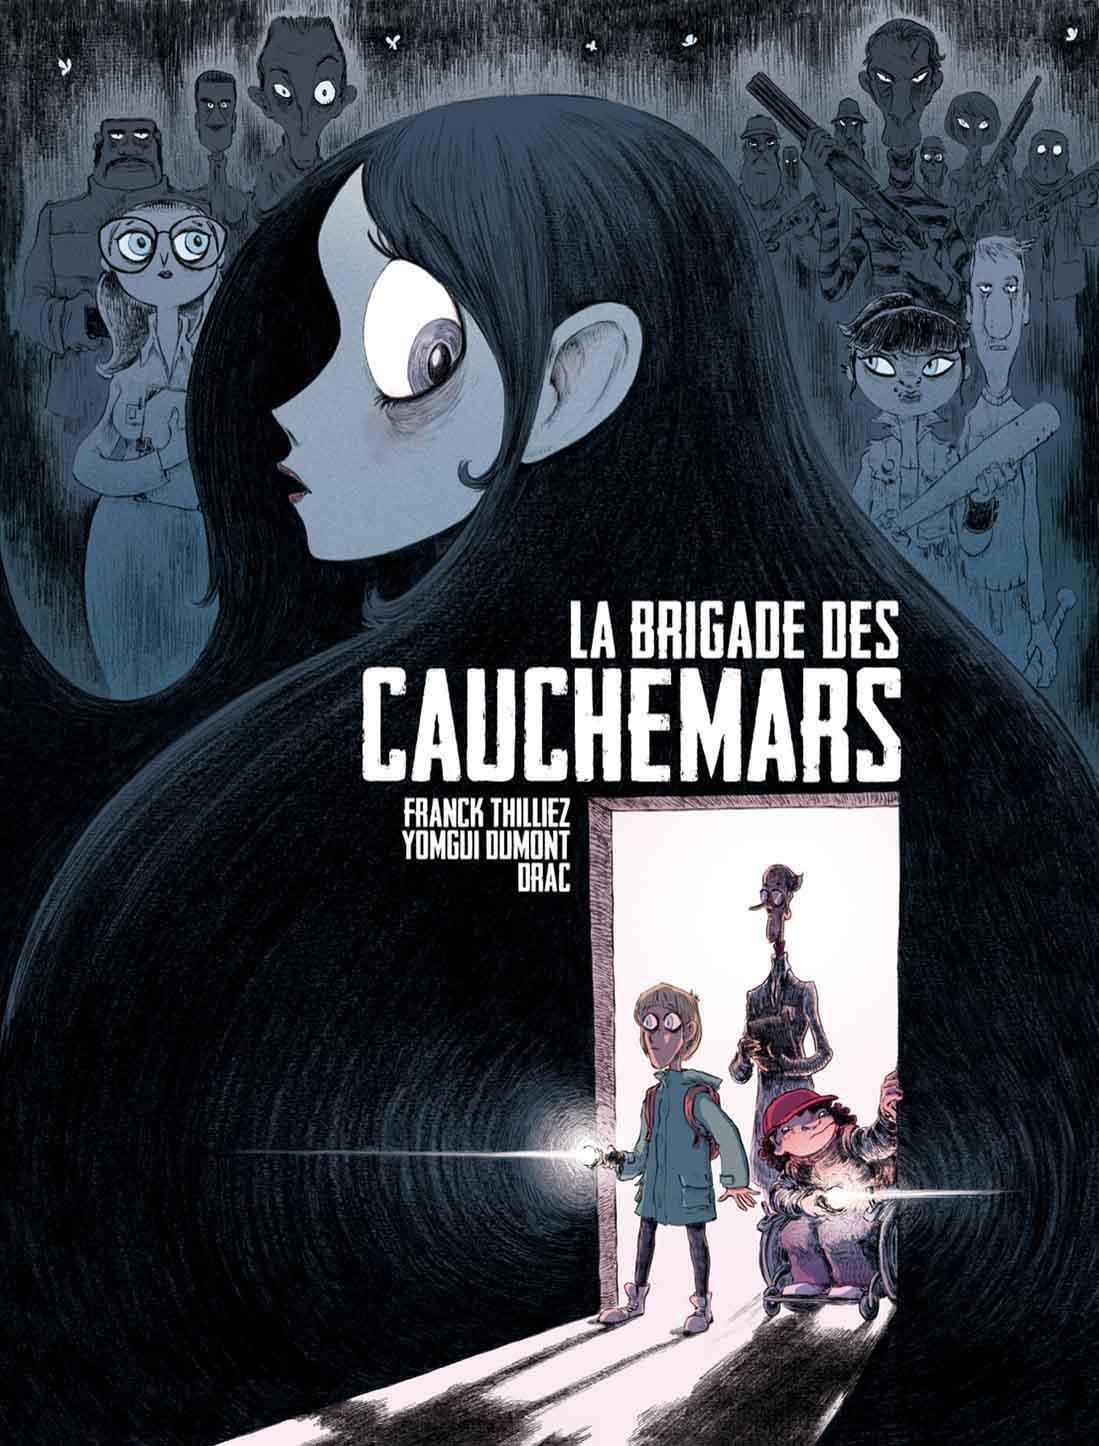 Franck Thilliez, La Brigade des Cauchemars